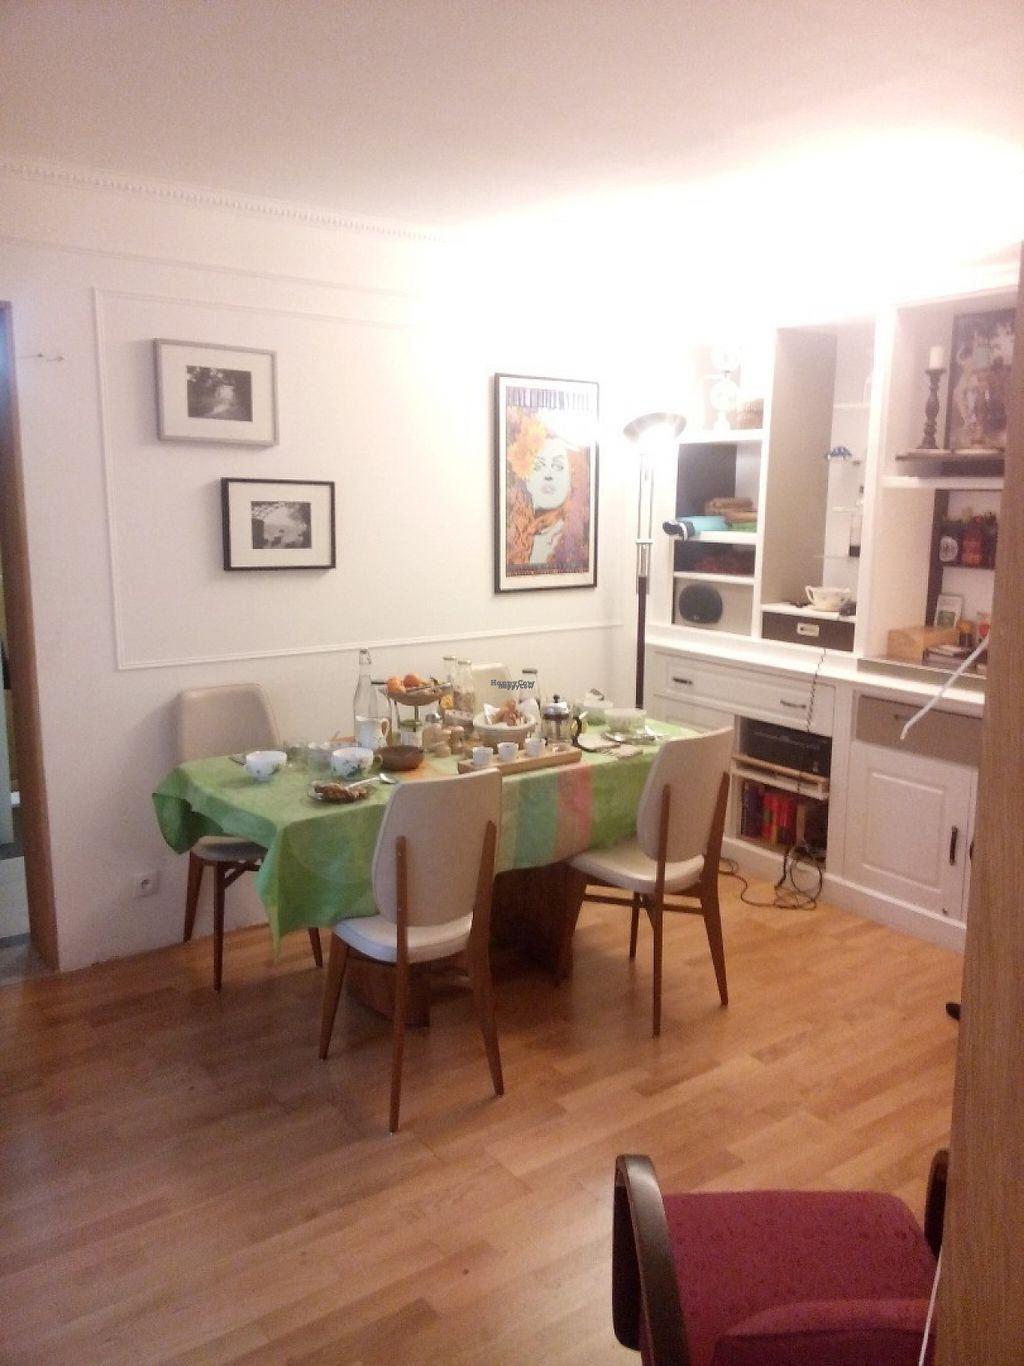 """Photo of Chambres de la Grande Porte  by <a href=""""/members/profile/markostova"""">markostova</a> <br/>Living room and dining area <br/> April 22, 2017  - <a href='/contact/abuse/image/55297/251007'>Report</a>"""